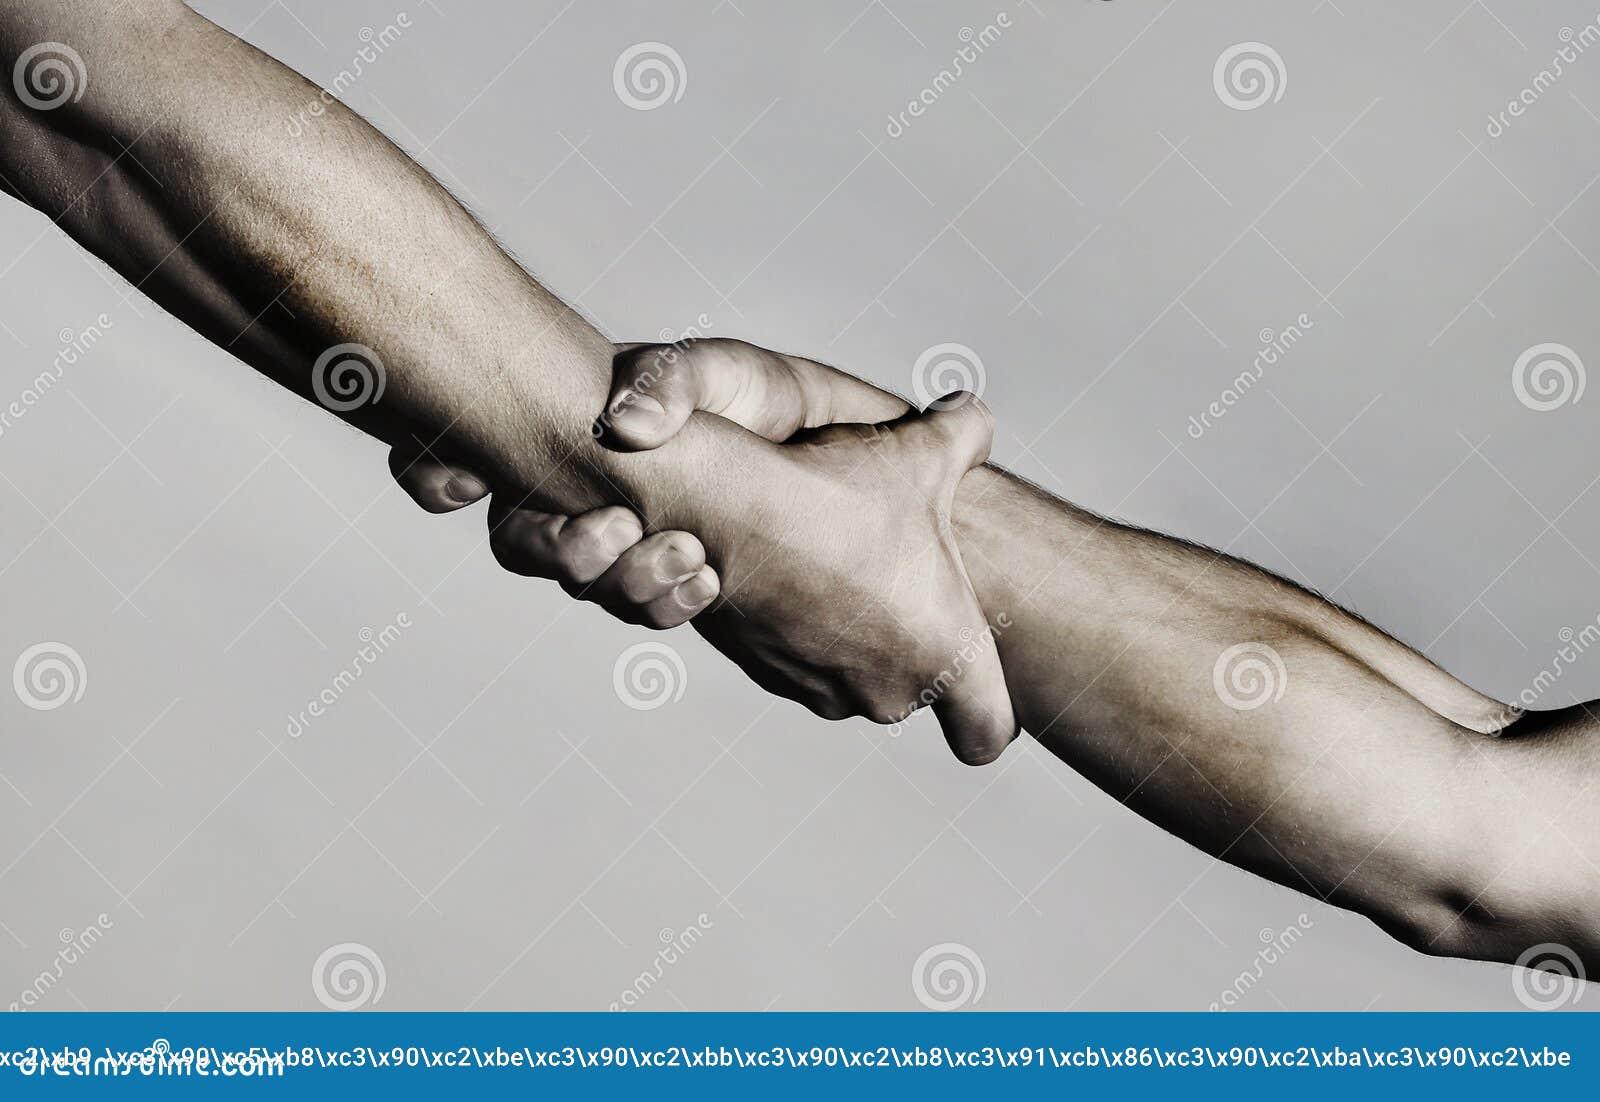 Спасение, помогая жест или руки держите сильной 2 руки, рука помощи друга Рукопожатие, оружия, приятельство